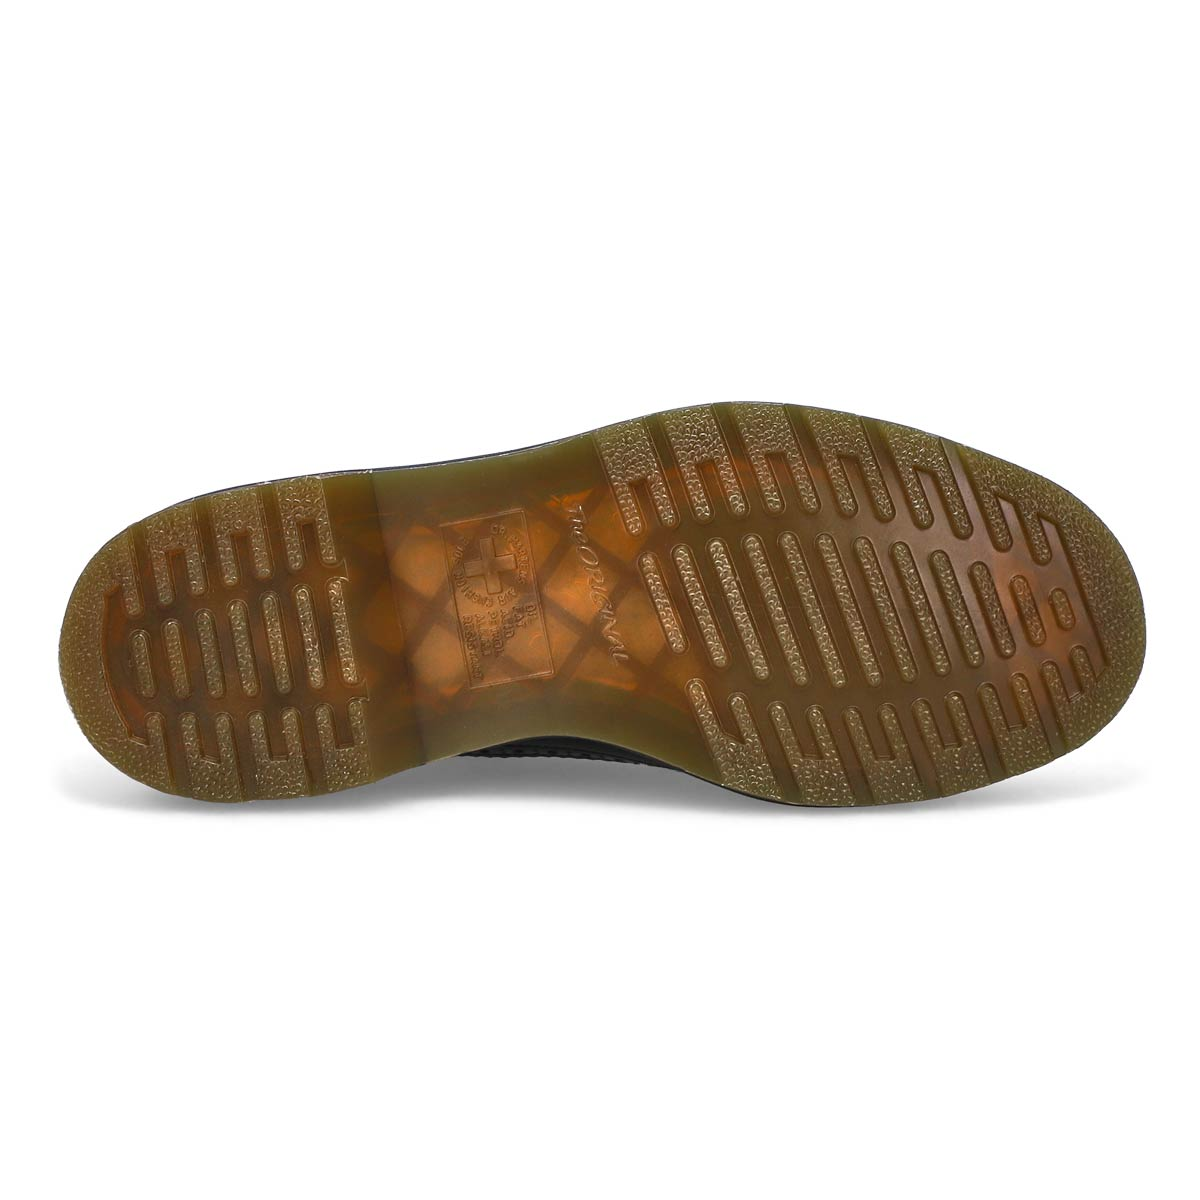 Chaussure Derby 3989 Yellow Stitch noir femmes